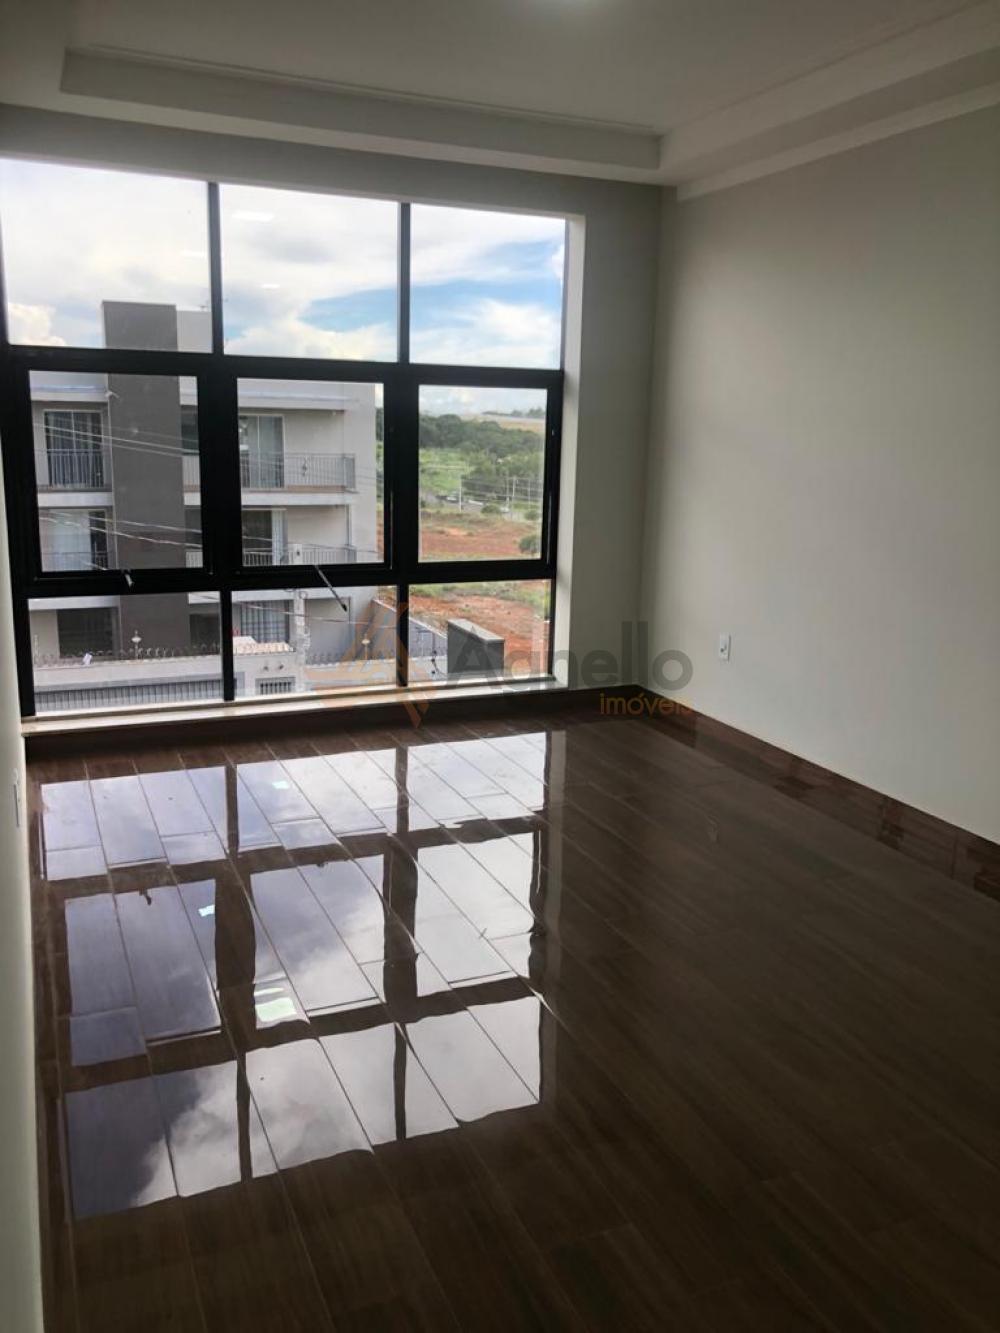 Comprar Apartamento / Cobertura em Franca apenas R$ 680.000,00 - Foto 5